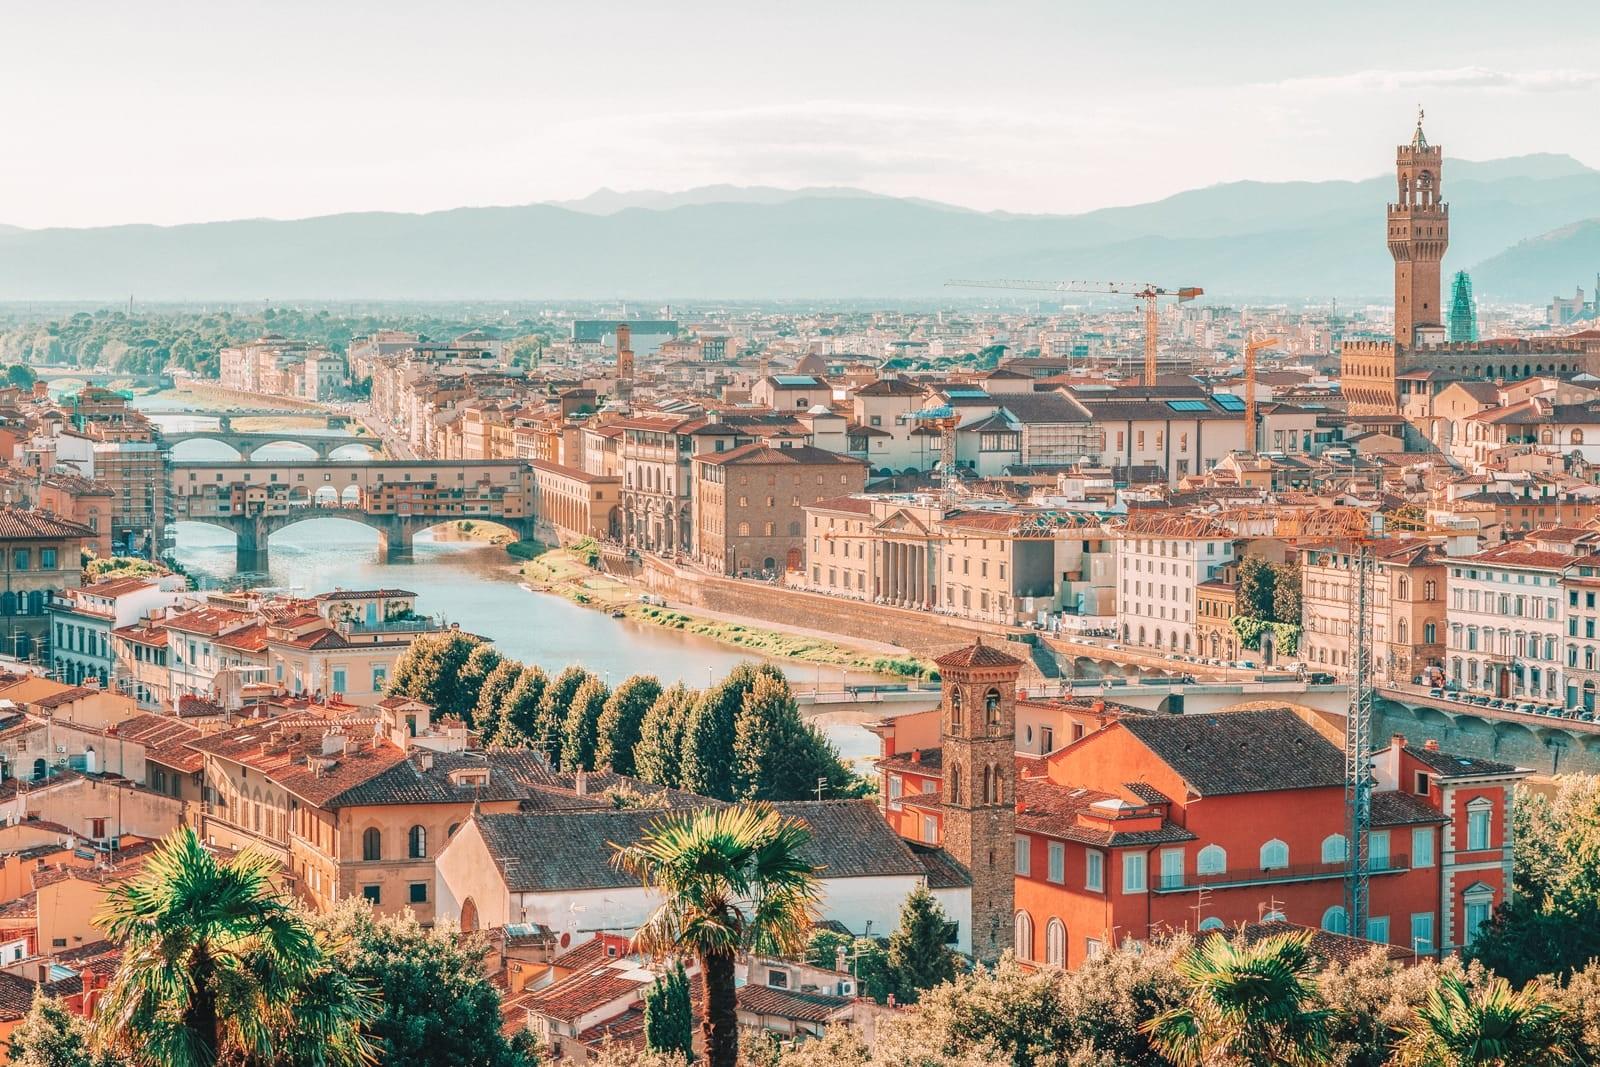 Revestimentos-Decortiles-com-inspirações-italianas-italia-milao